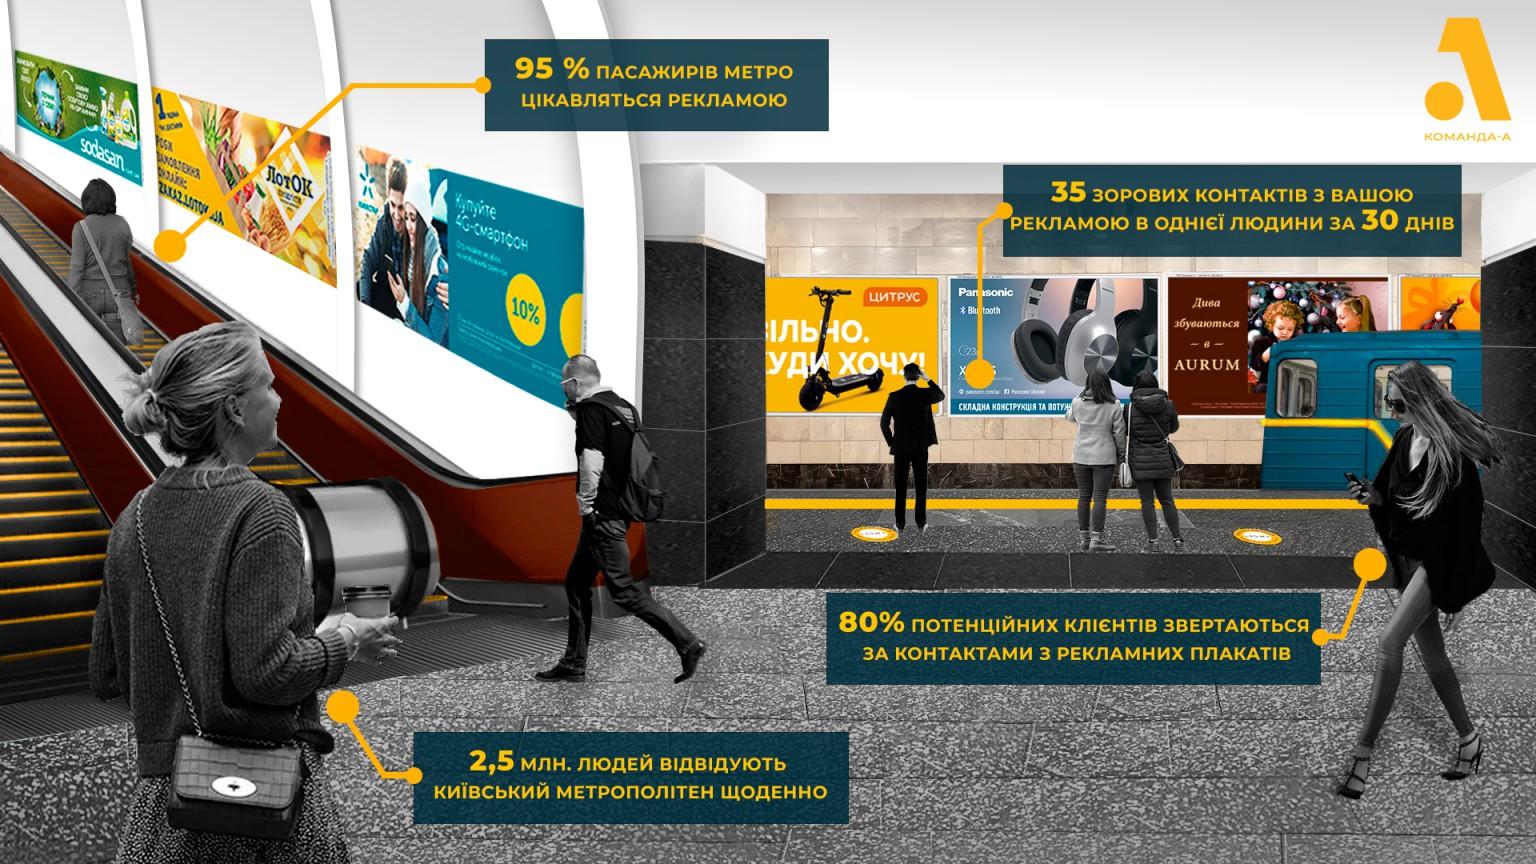 Найдешевша вартість та висока ефективність реклами – розміщення плакатів у метро!